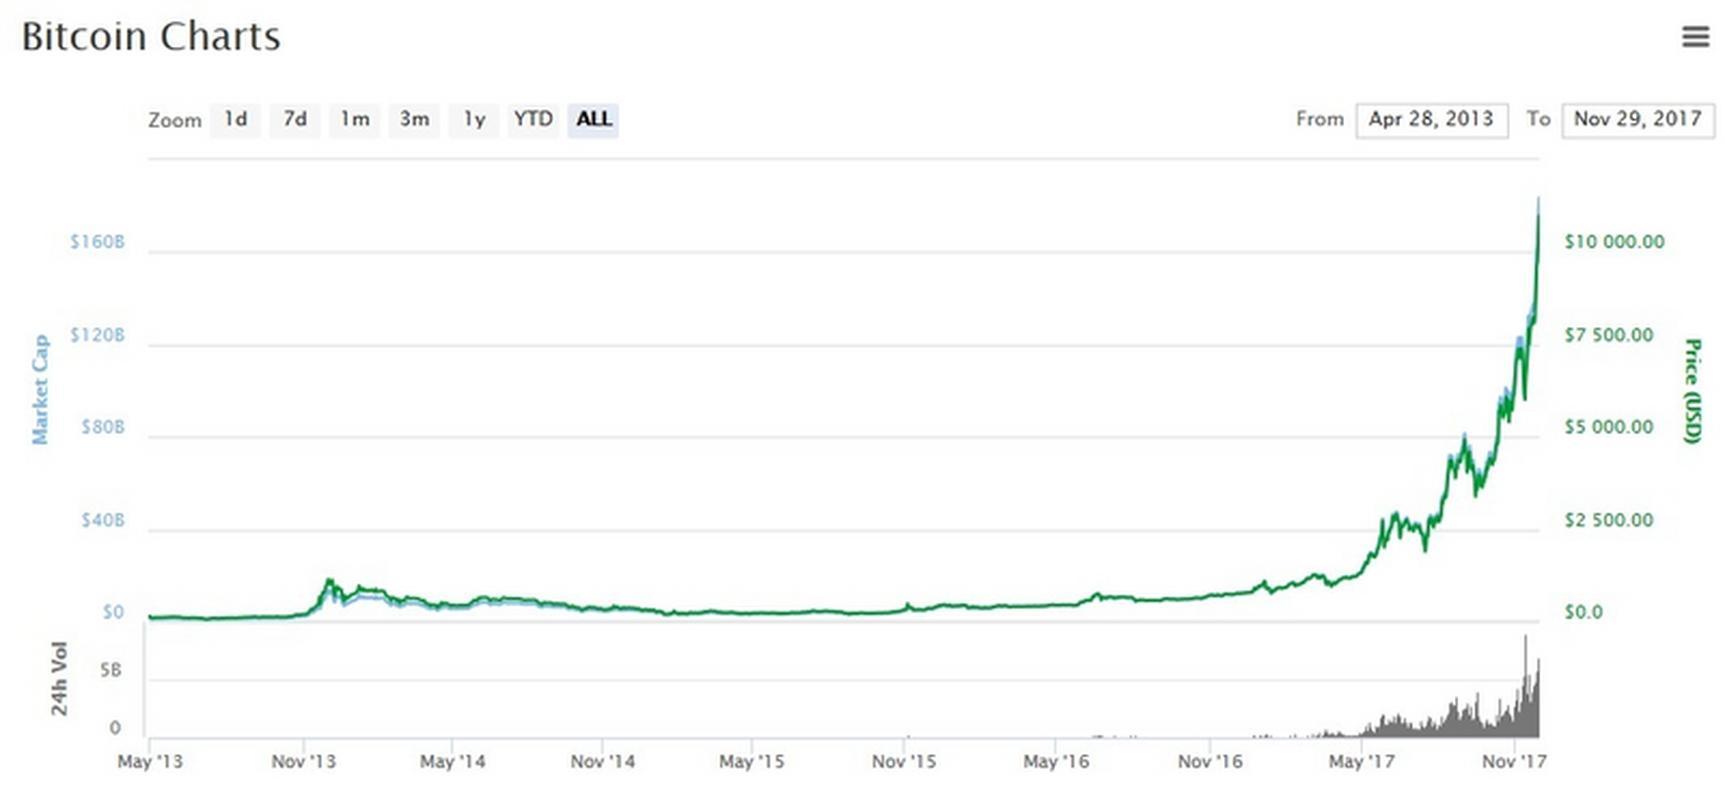 Kurs bitcoina w dolarach, 29 listopada 2017 r.